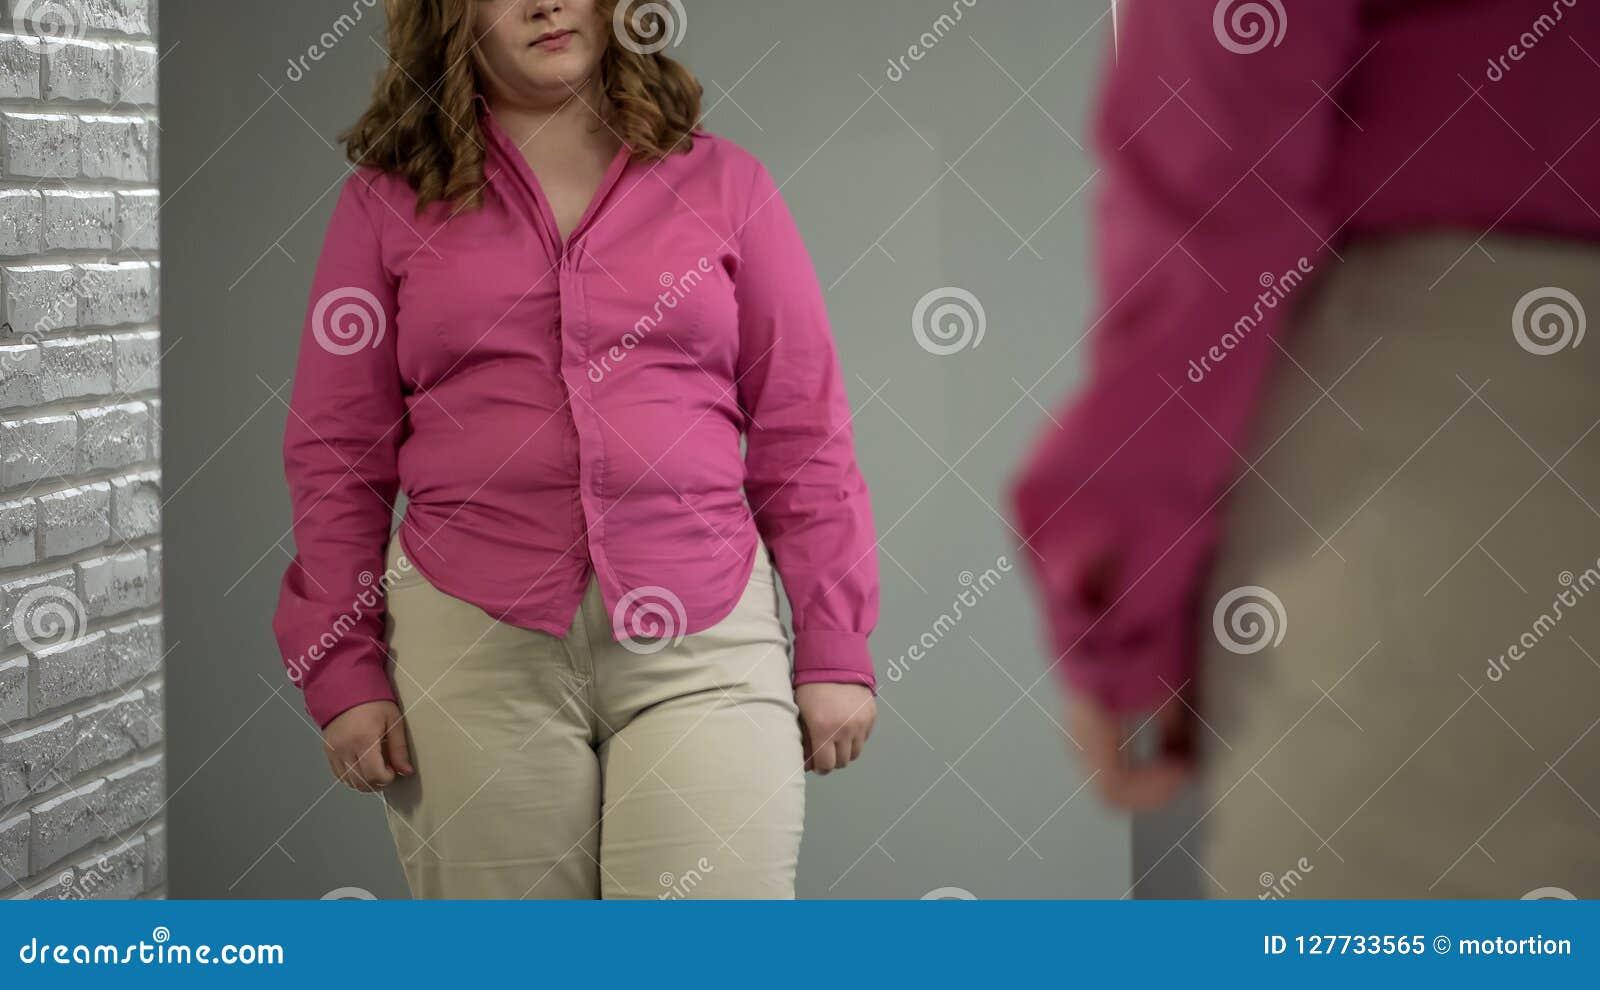 Υπέρβαρο θηλυκό που κοιτάζει στον καθρέφτη, που αξιολογεί την εμφάνισή της, πρόβλημα παχυσαρκίας